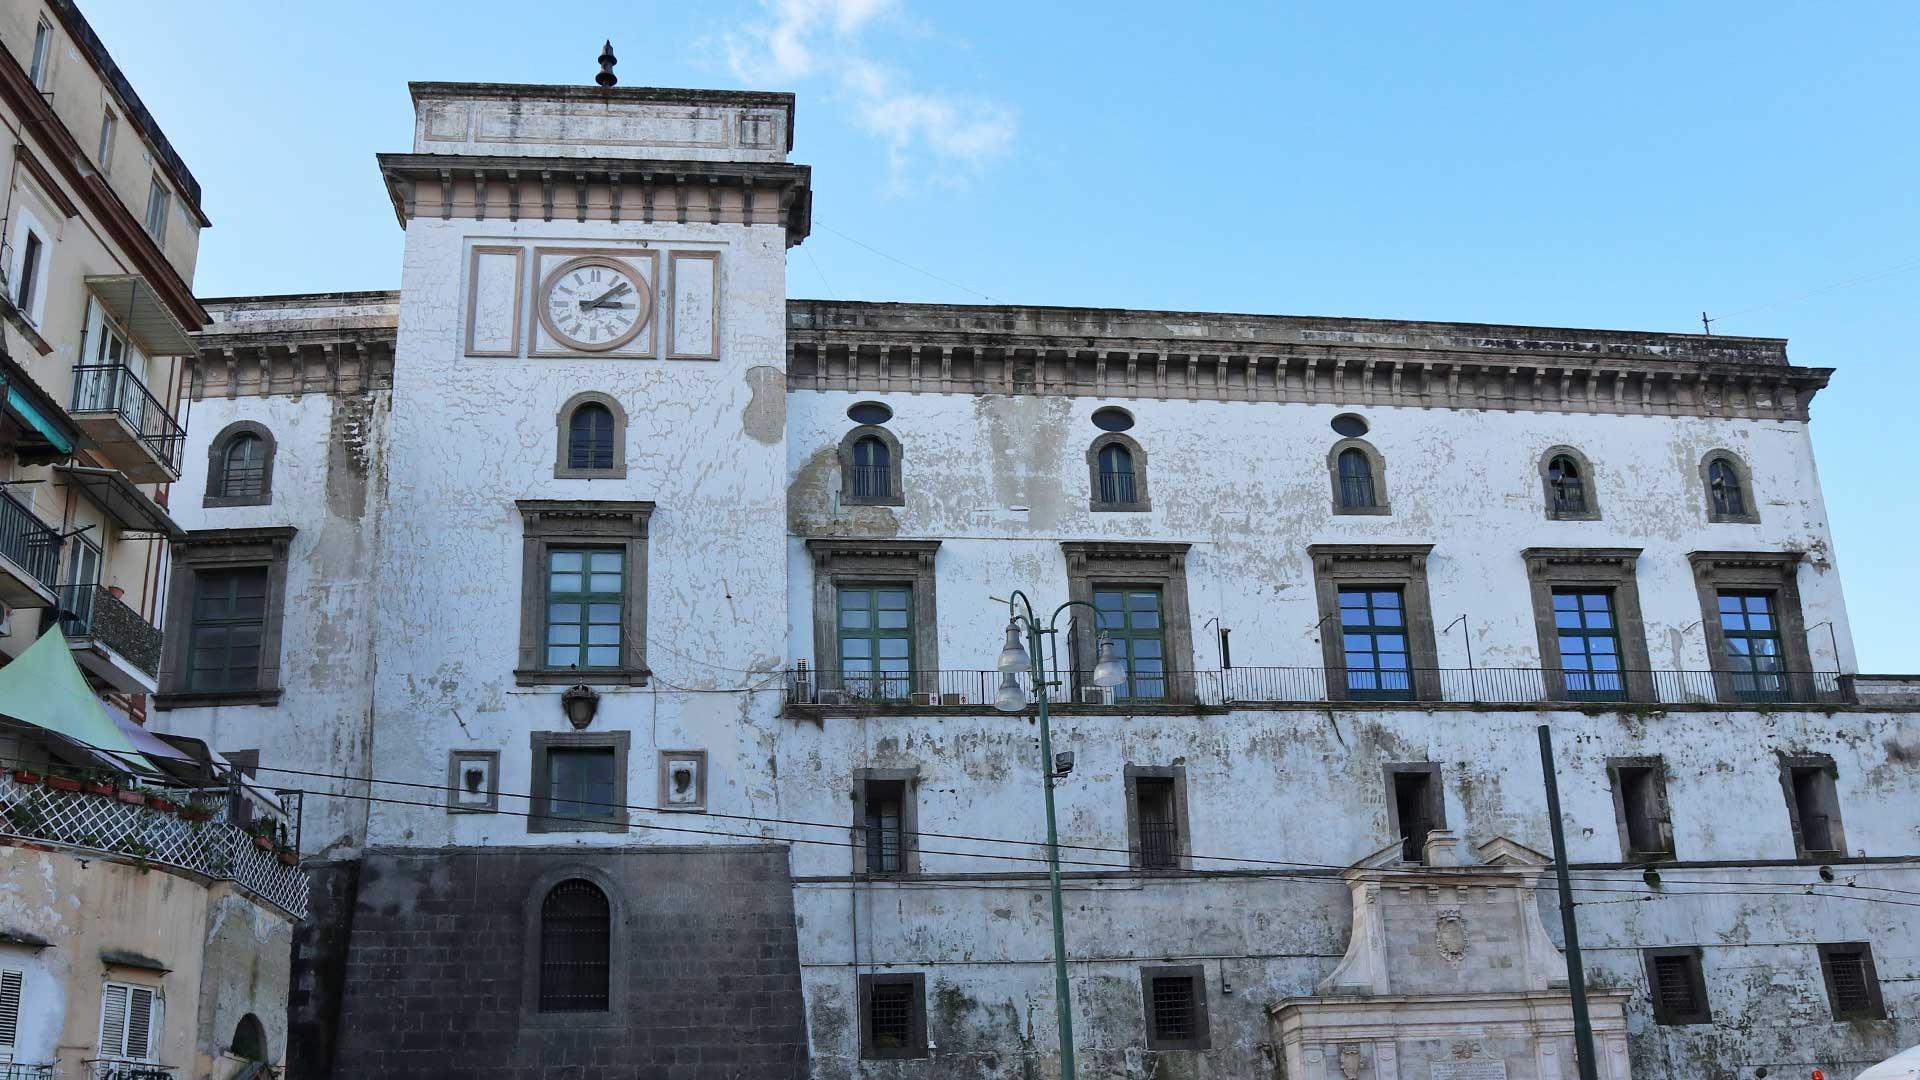 Castel Capuano, l'antico tribunale di Napoli